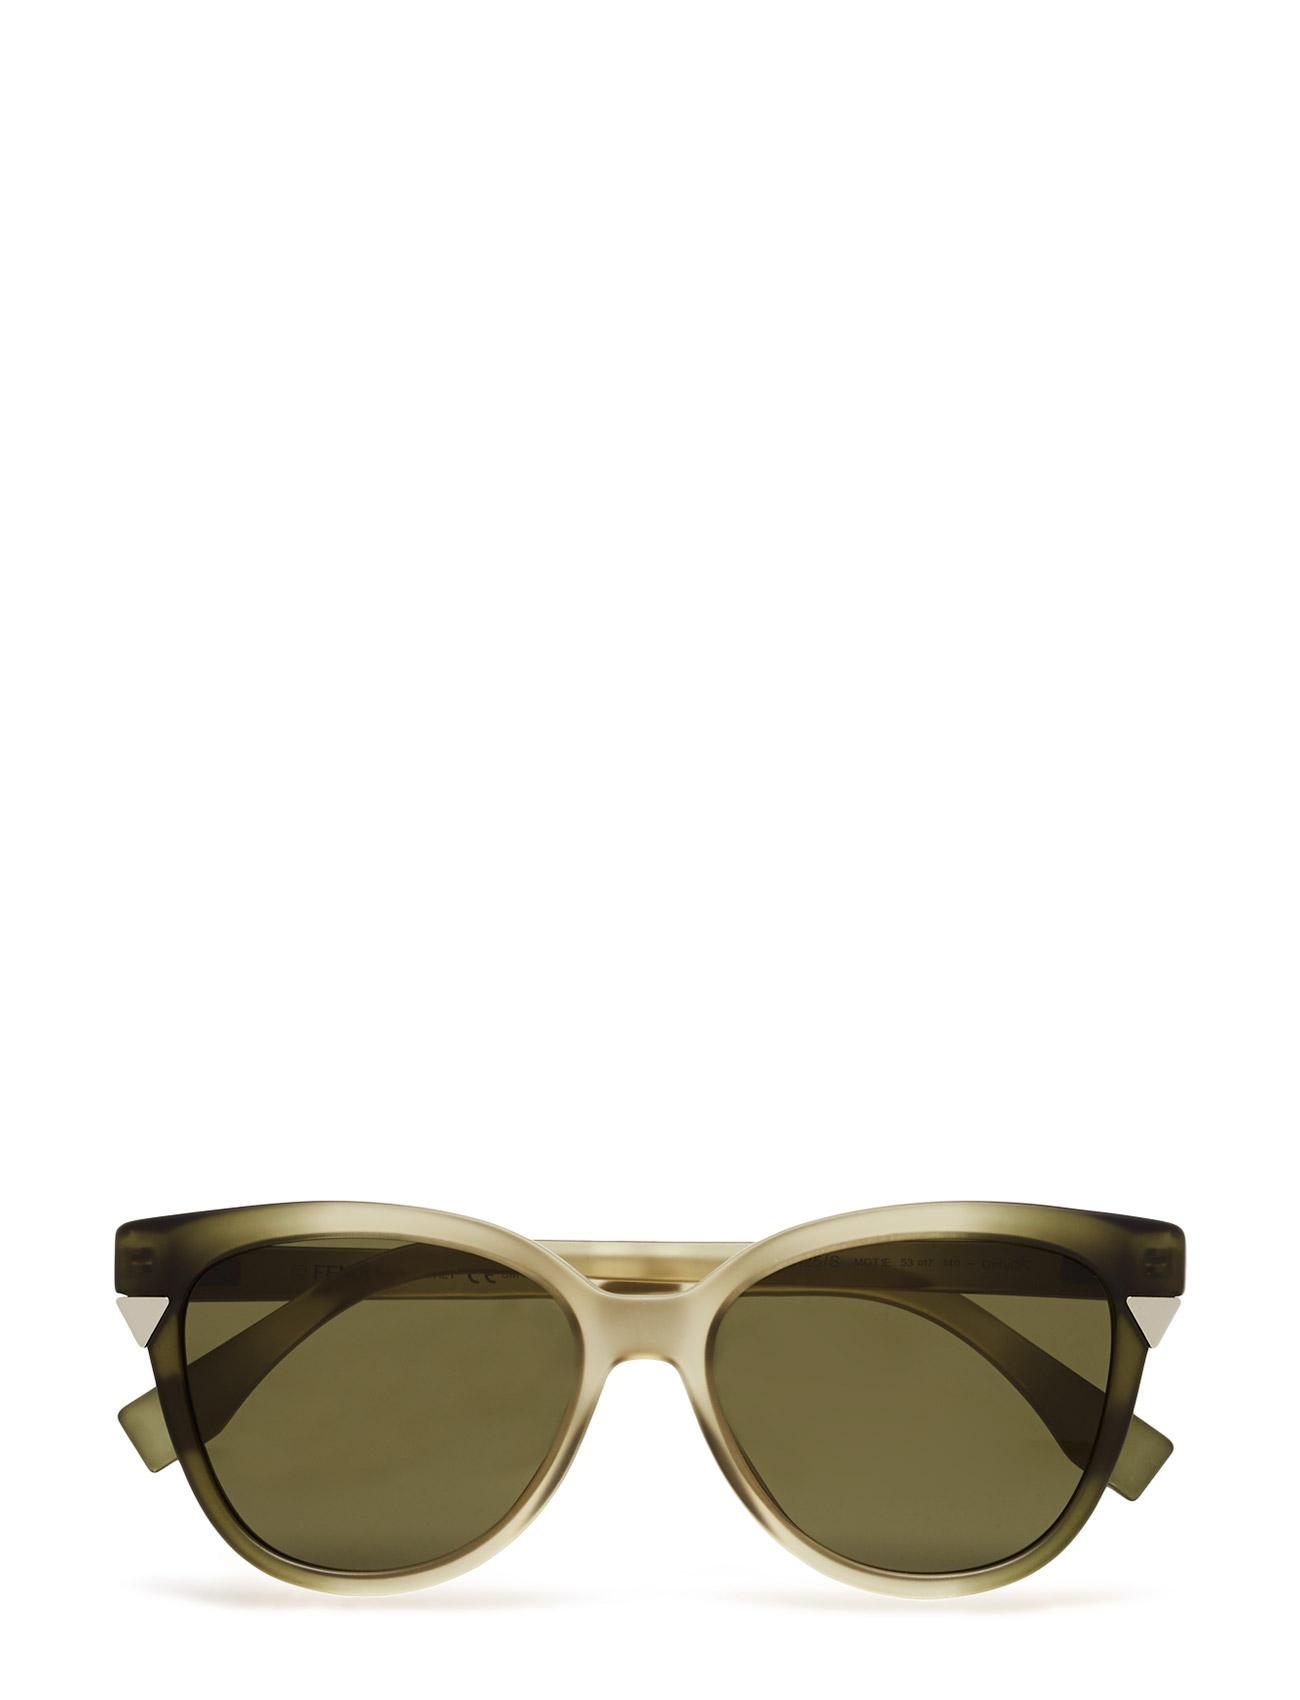 223634 fra fendi sunglasses på boozt.com dk